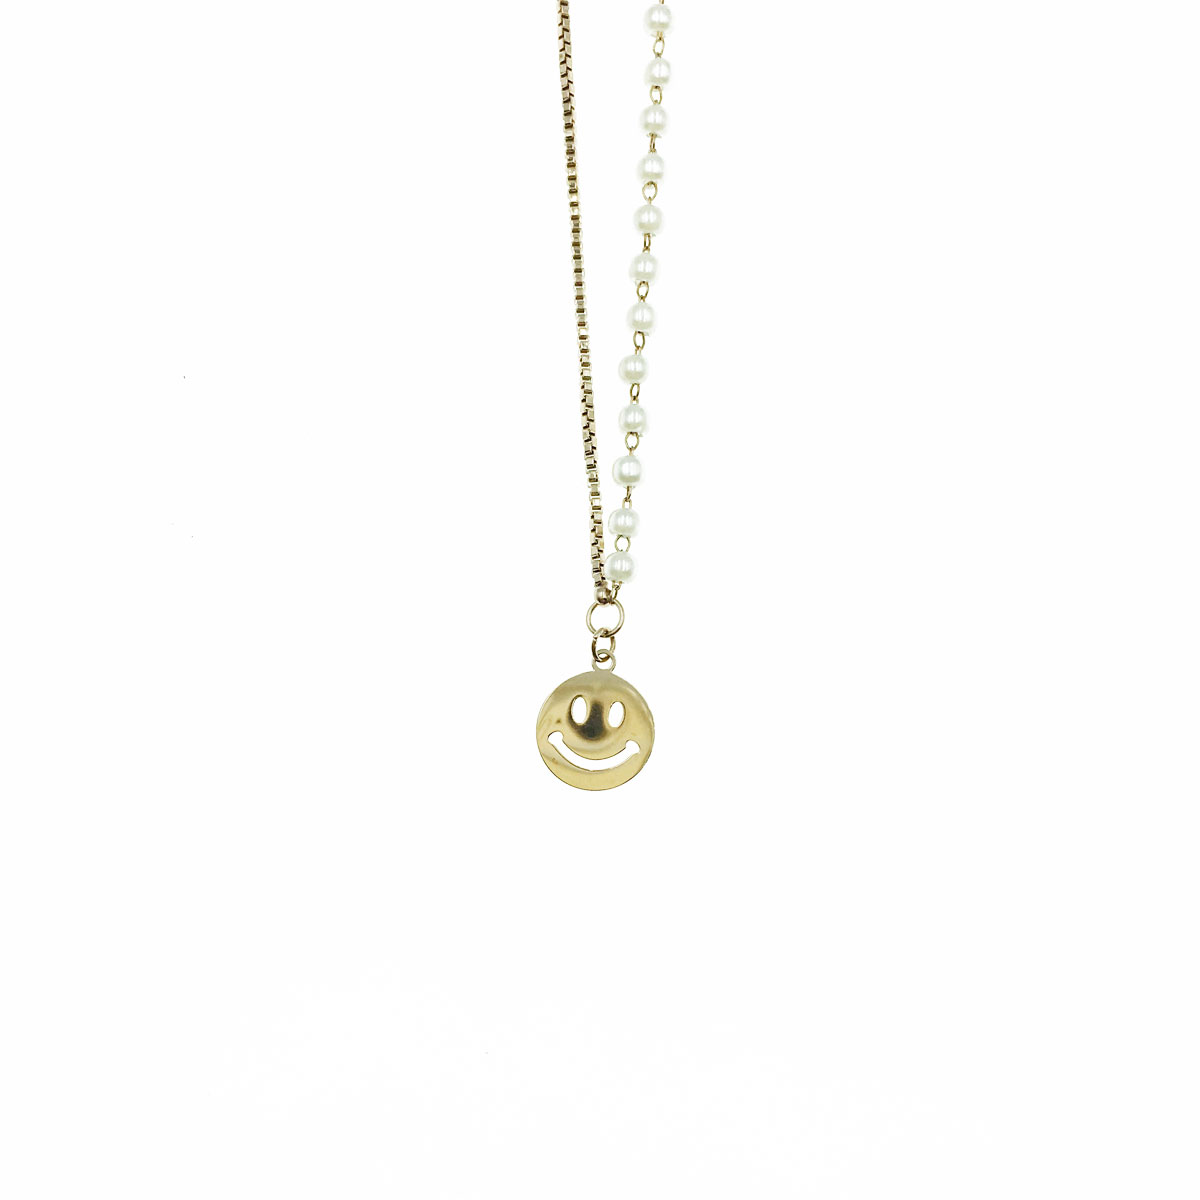 韓國 不銹鋼 珍珠 微笑 簍空 鎖骨鍊 短鍊 項鍊 飾品